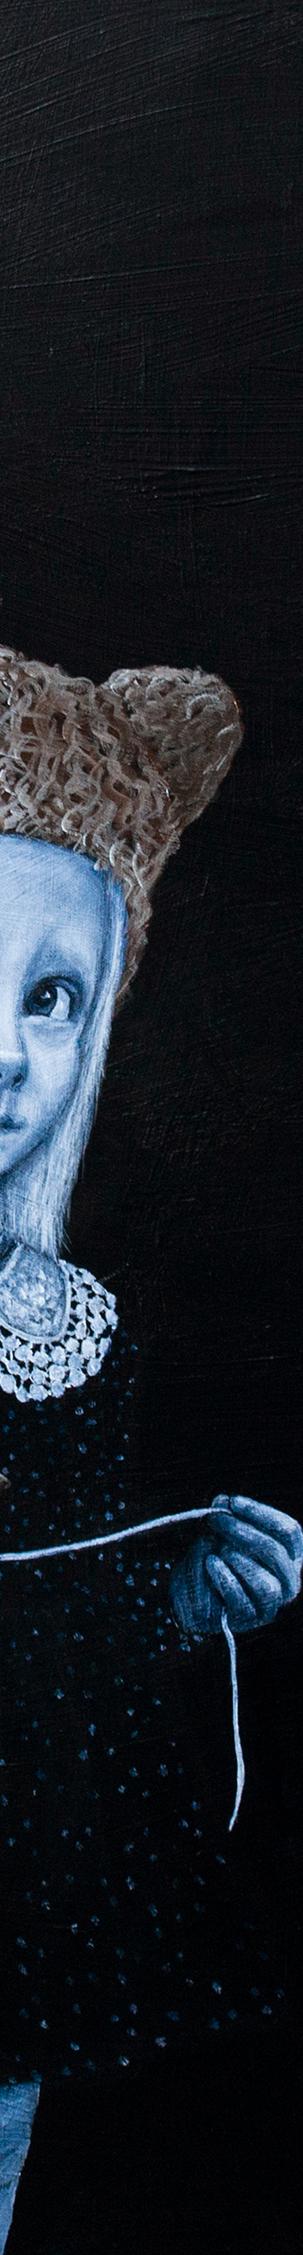 Sådan bliver du en ulykkelig kunstner - et blogindlæg af Anne Juul Christophersen